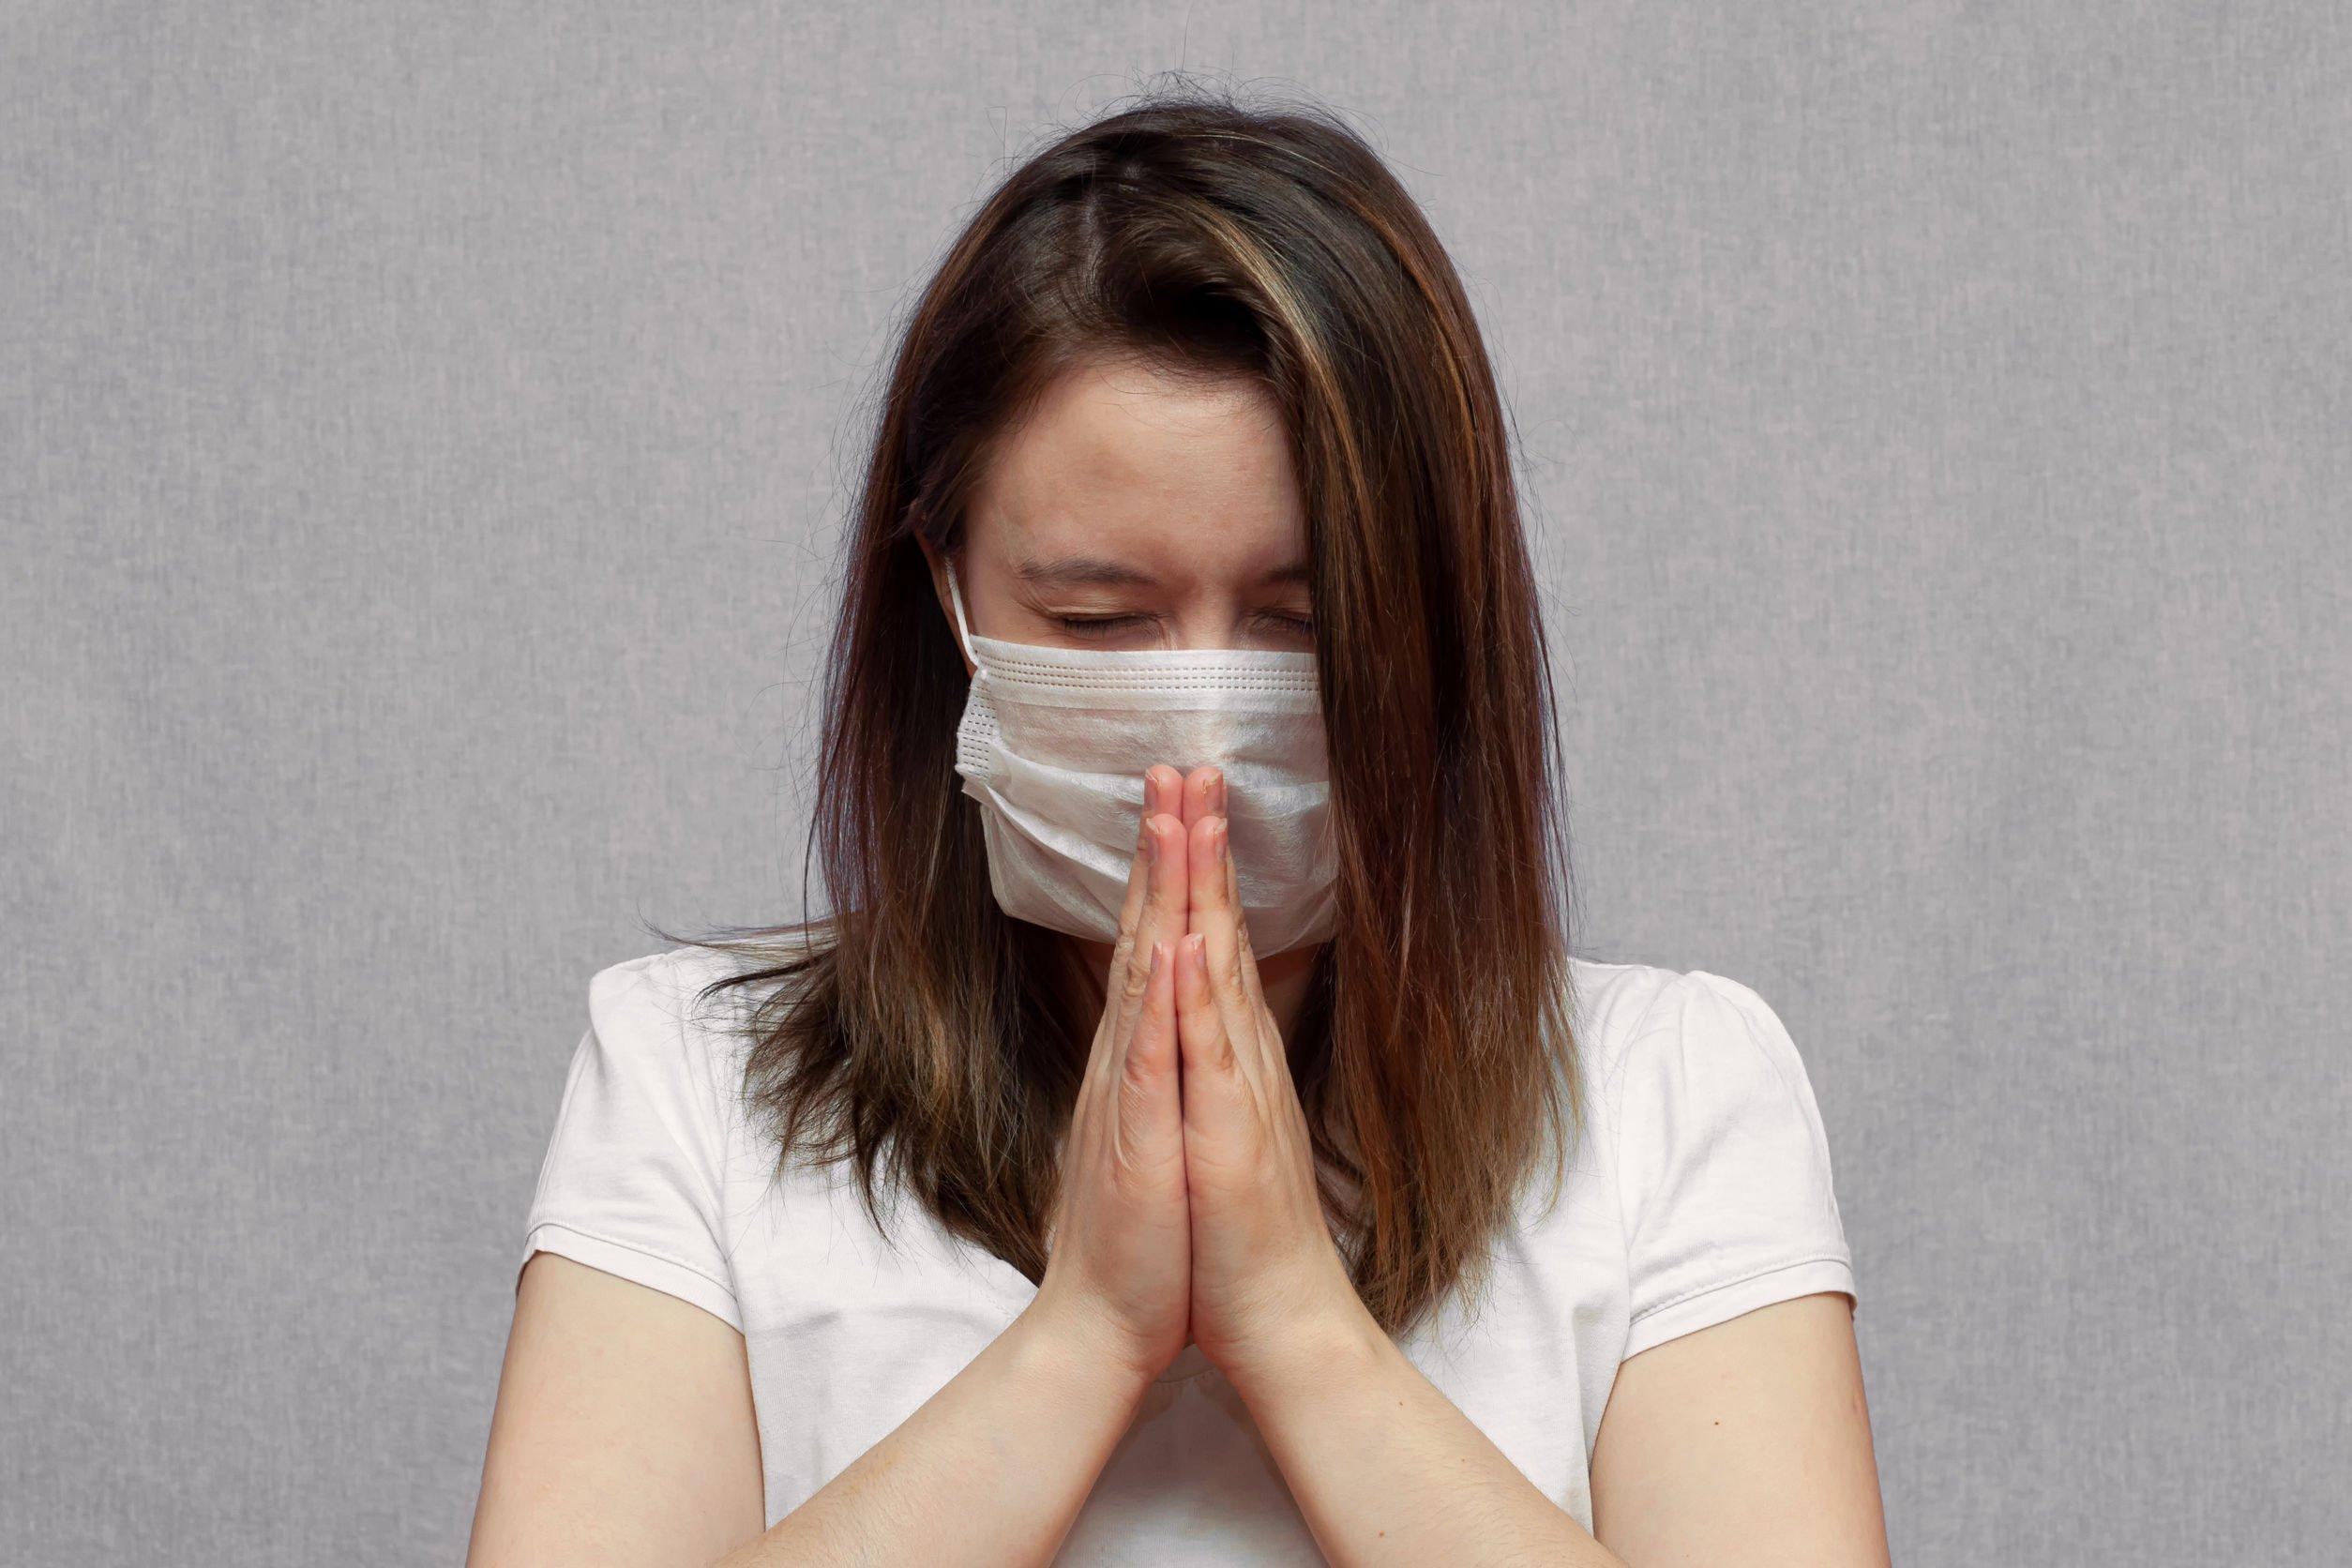 Mulher usando máscara branca, de olhos fechados e mãos unidas, orando